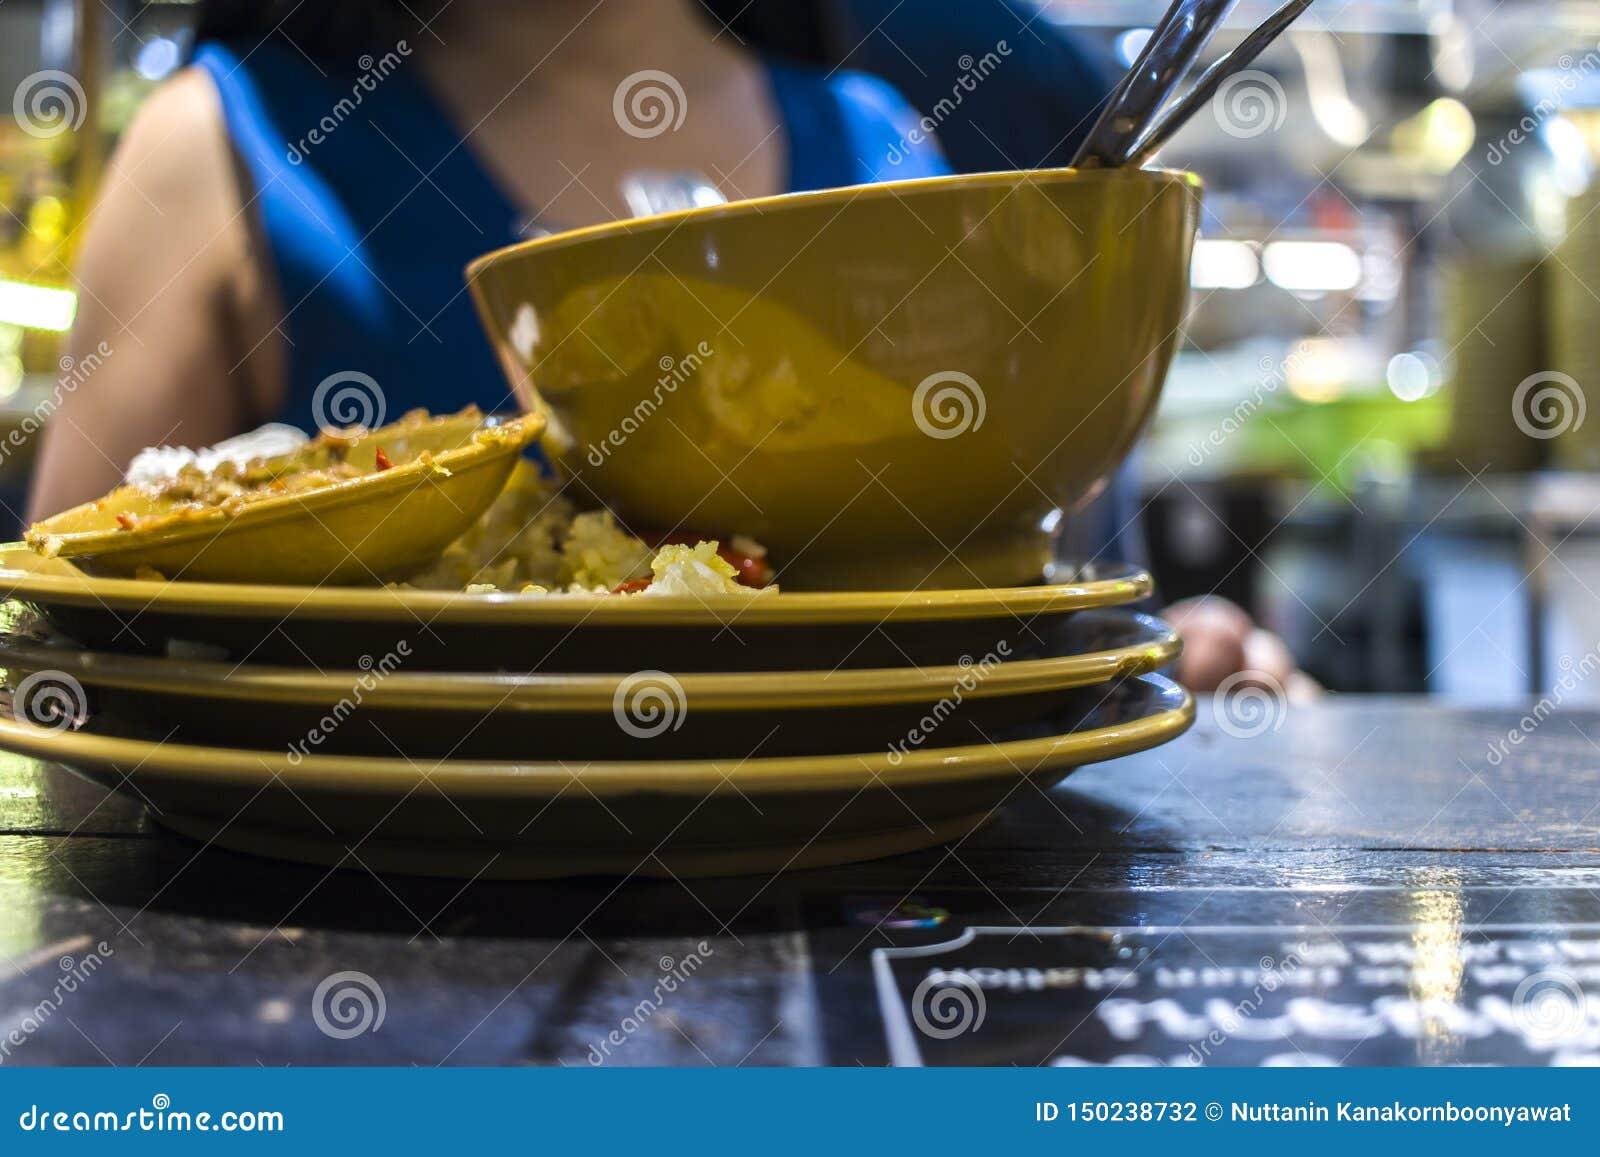 Lunch på en thailändsk restaurang En kvinna äter ris med grönsaker och soppa